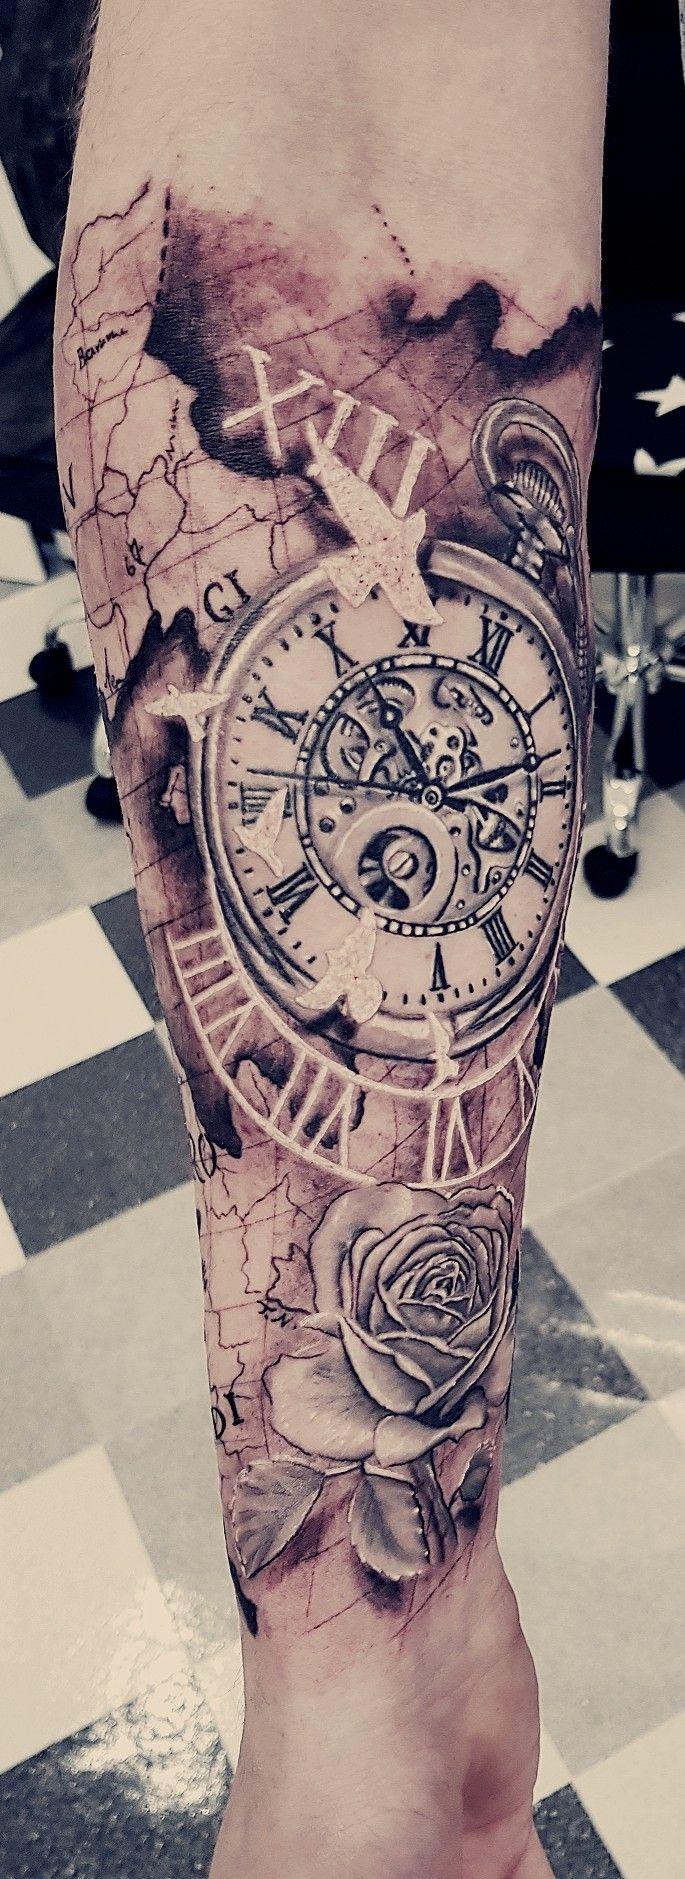 Uhr Tattoo